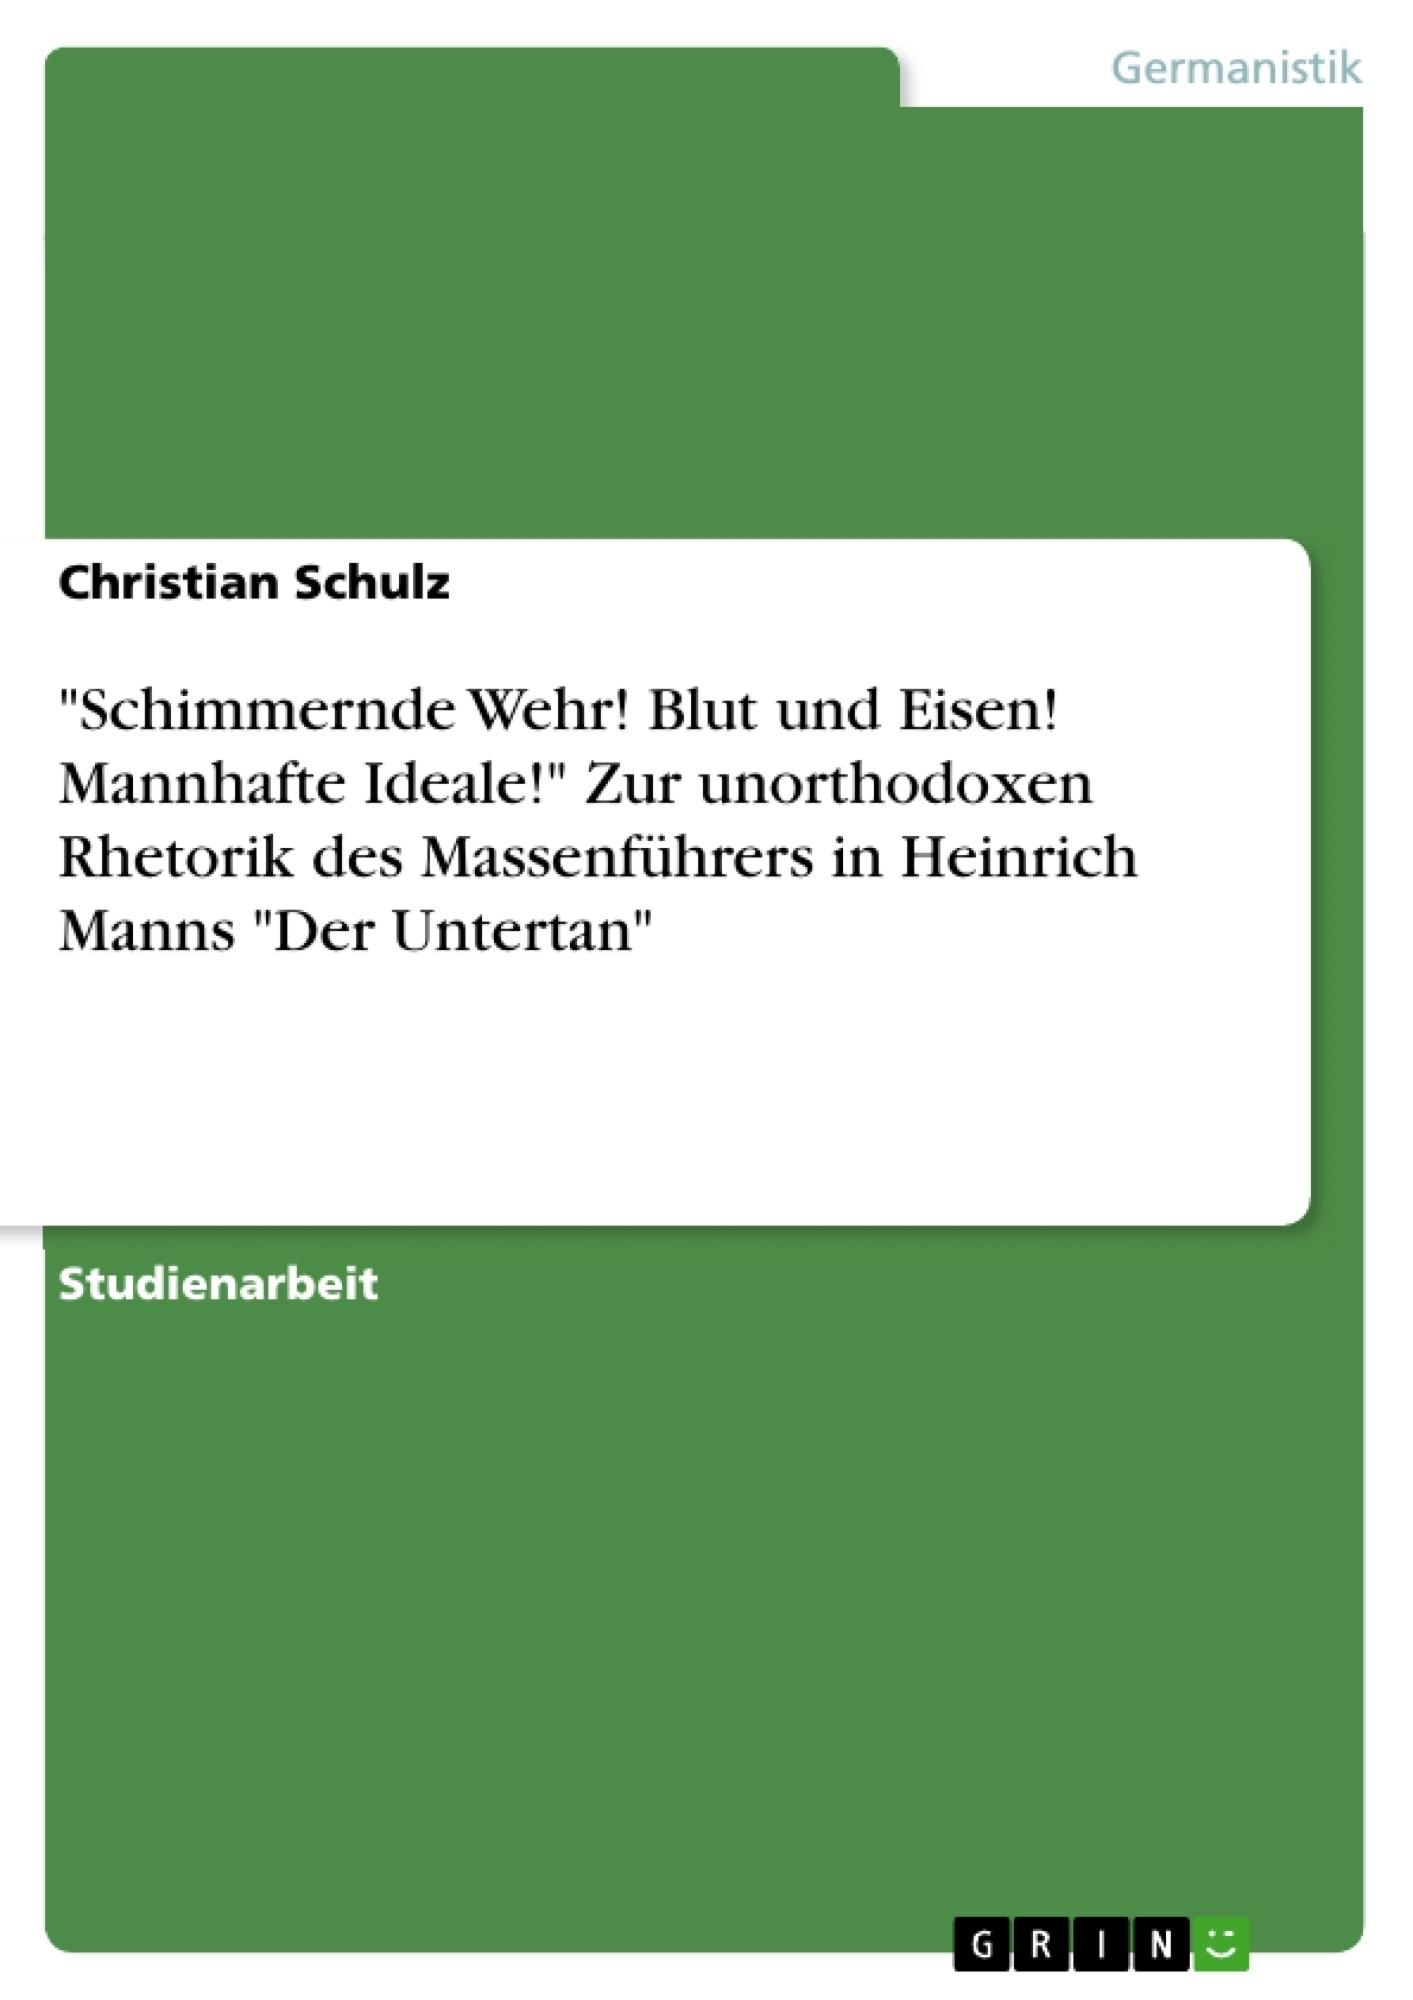 """Titel: """"Schimmernde Wehr! Blut und Eisen! Mannhafte Ideale!"""" Zur unorthodoxen Rhetorik des Massenführers in Heinrich Manns """"Der Untertan"""""""